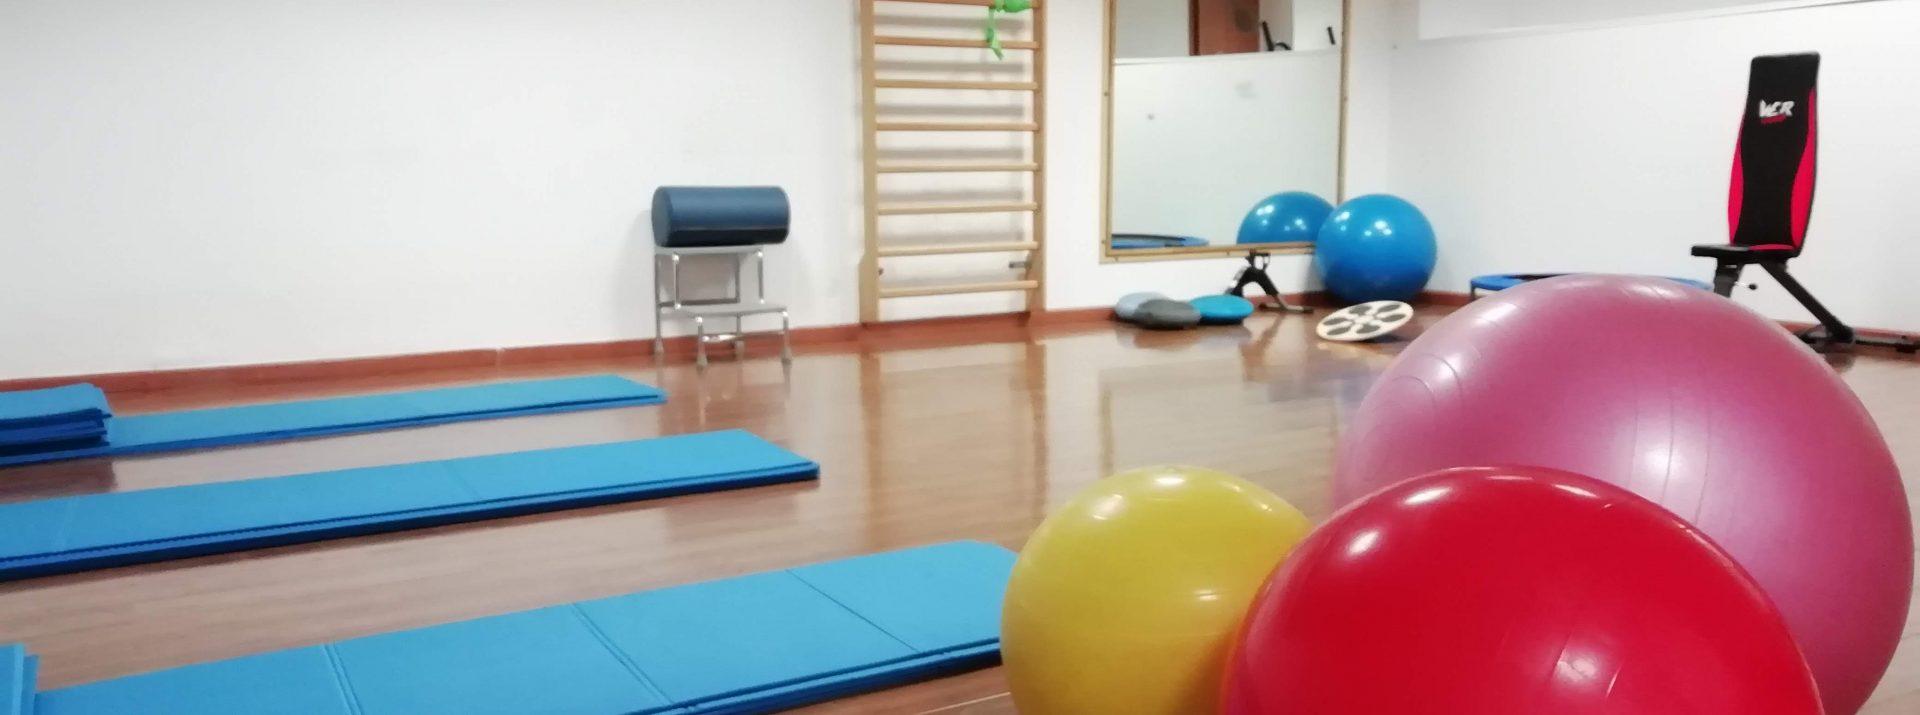 La nostra palestra per seguirti nella tua riabilitazione